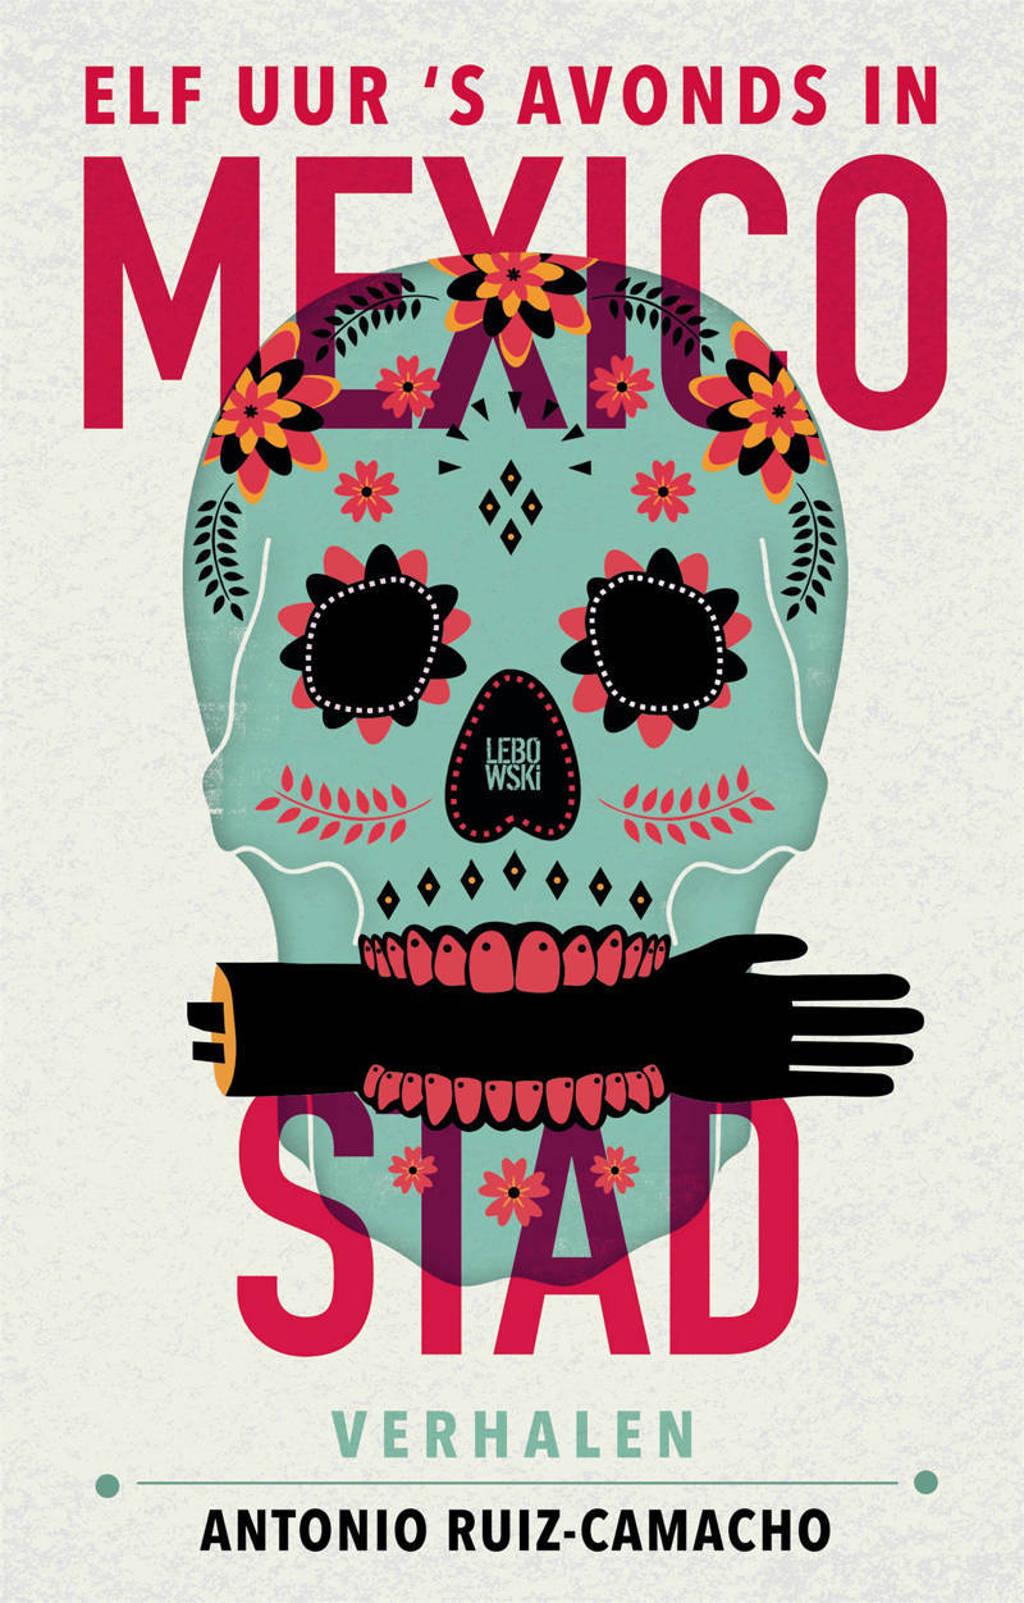 Elf uur 's avonds in Mexico-Stad - Antonio Ruiz-Camacho